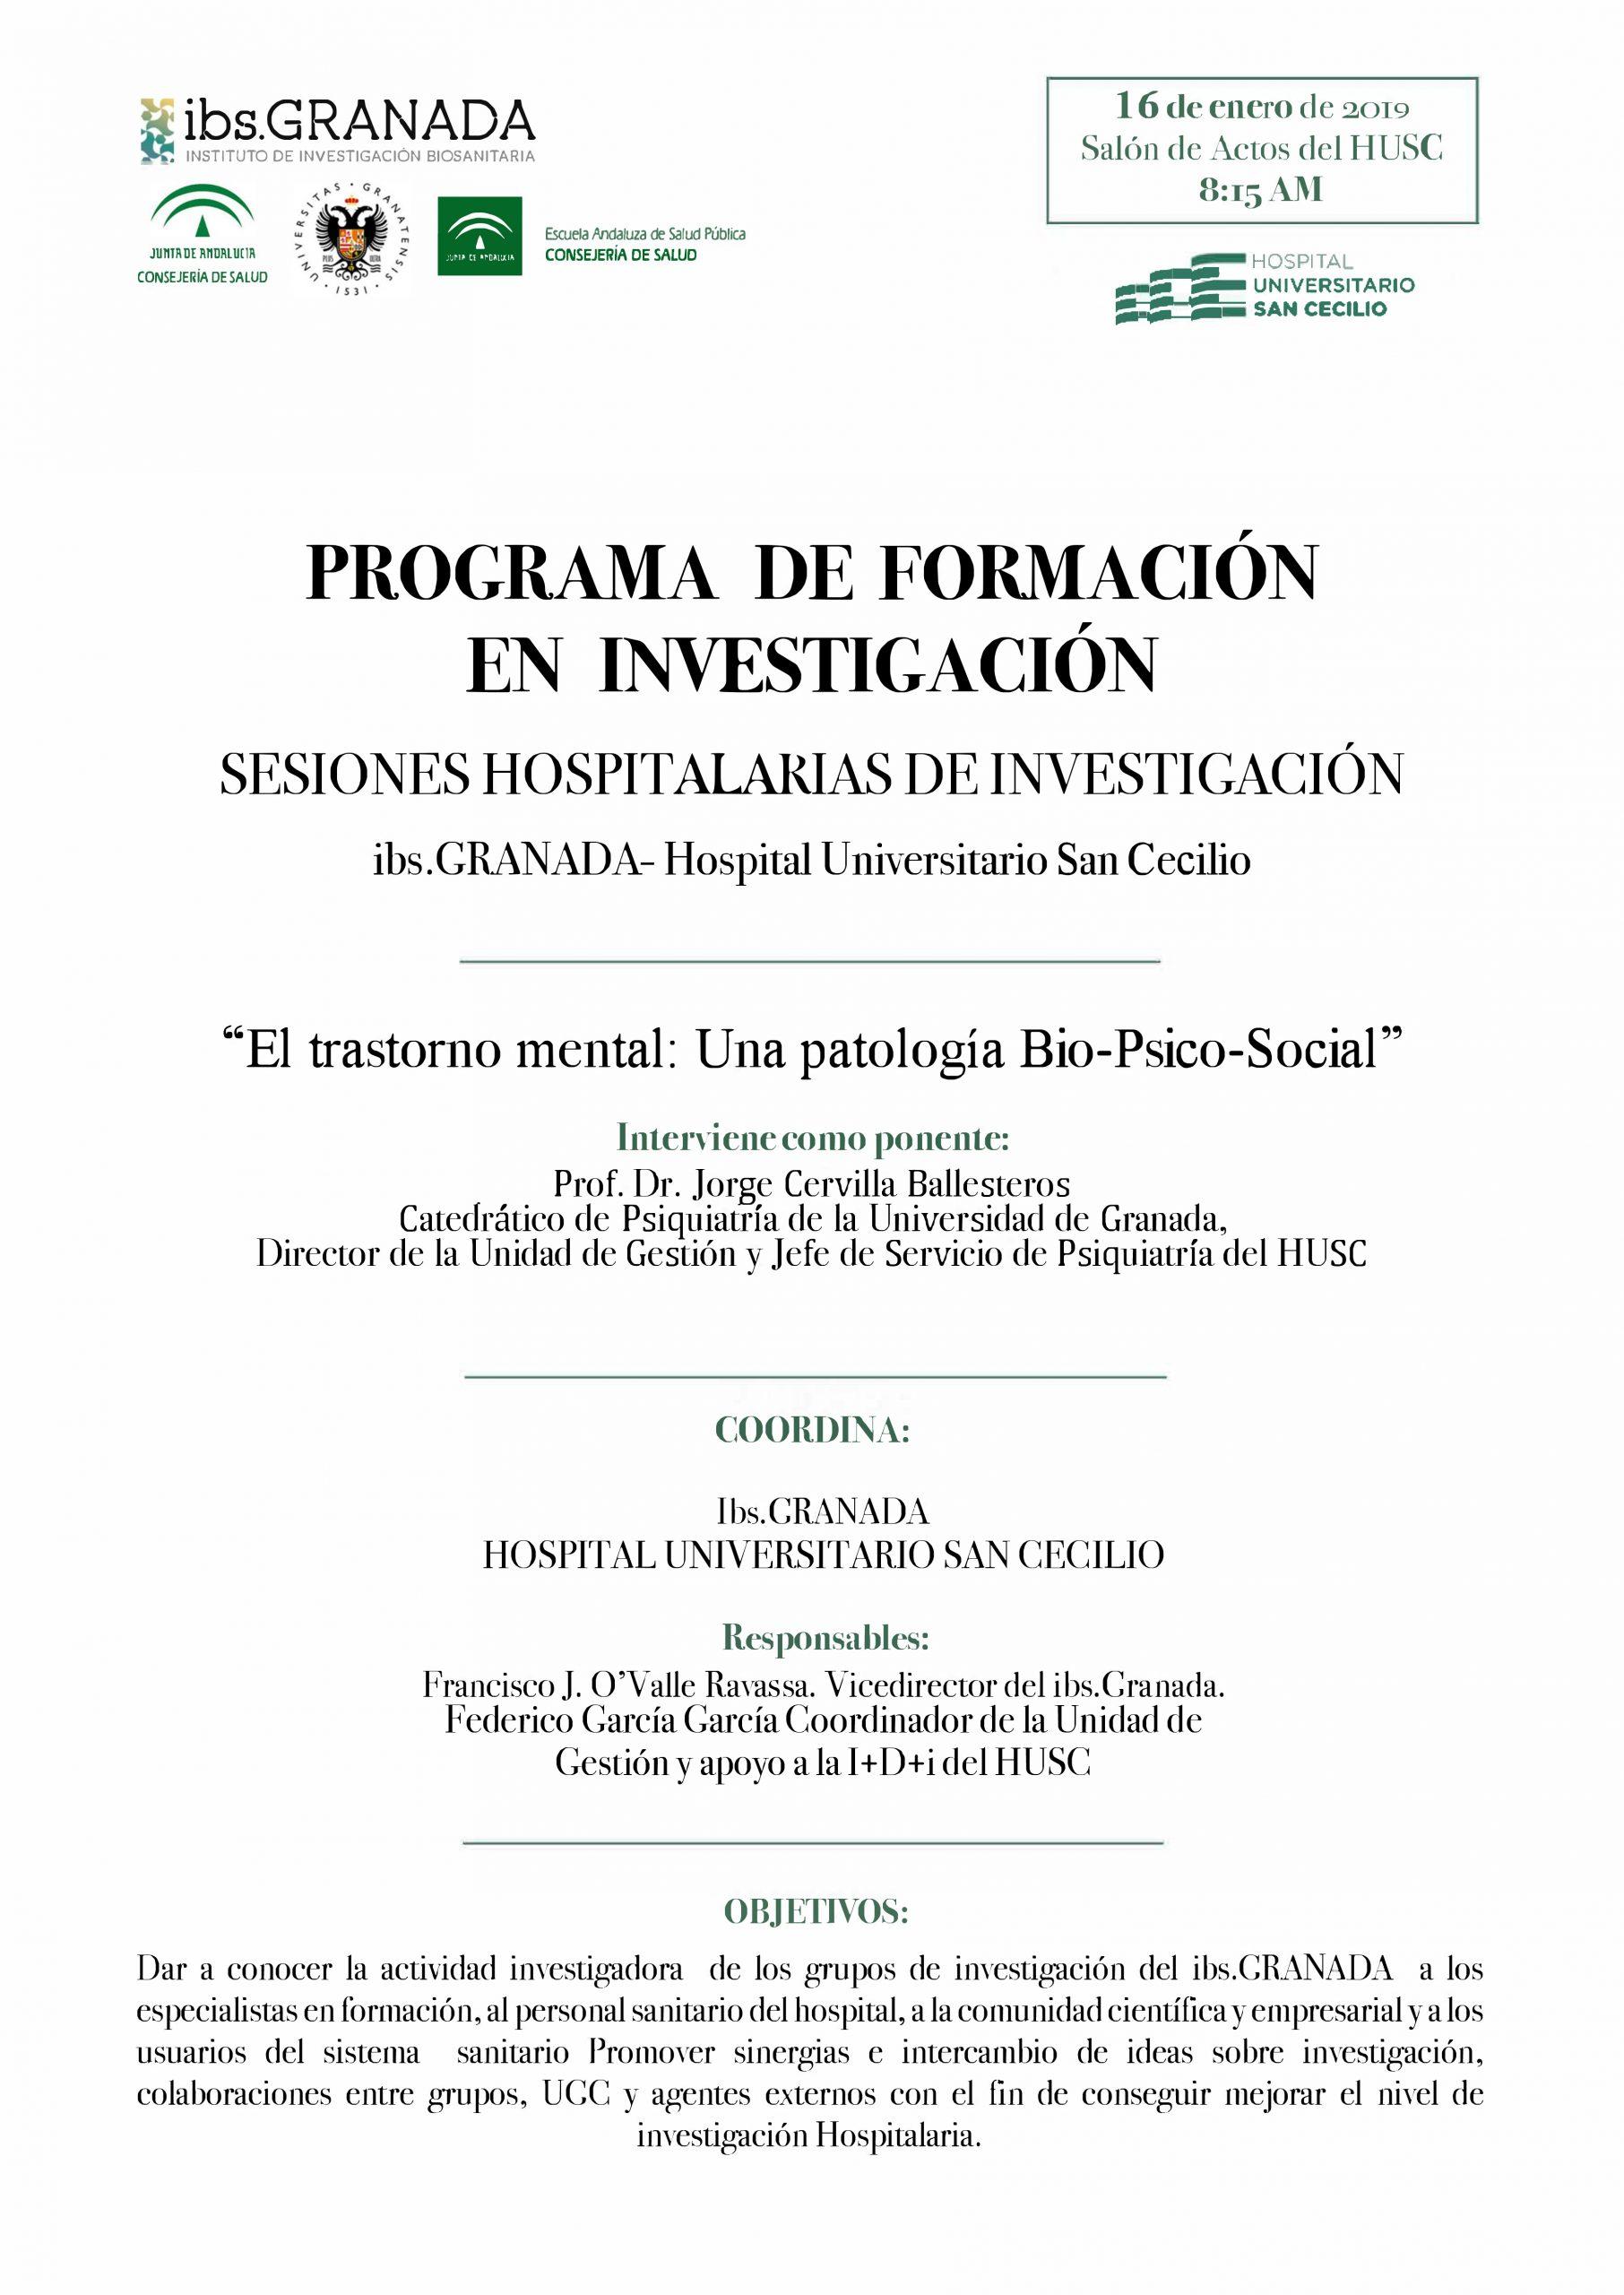 Sesión Hospitalaria: El trastorno mental: Una patología Bio-Psico-Social